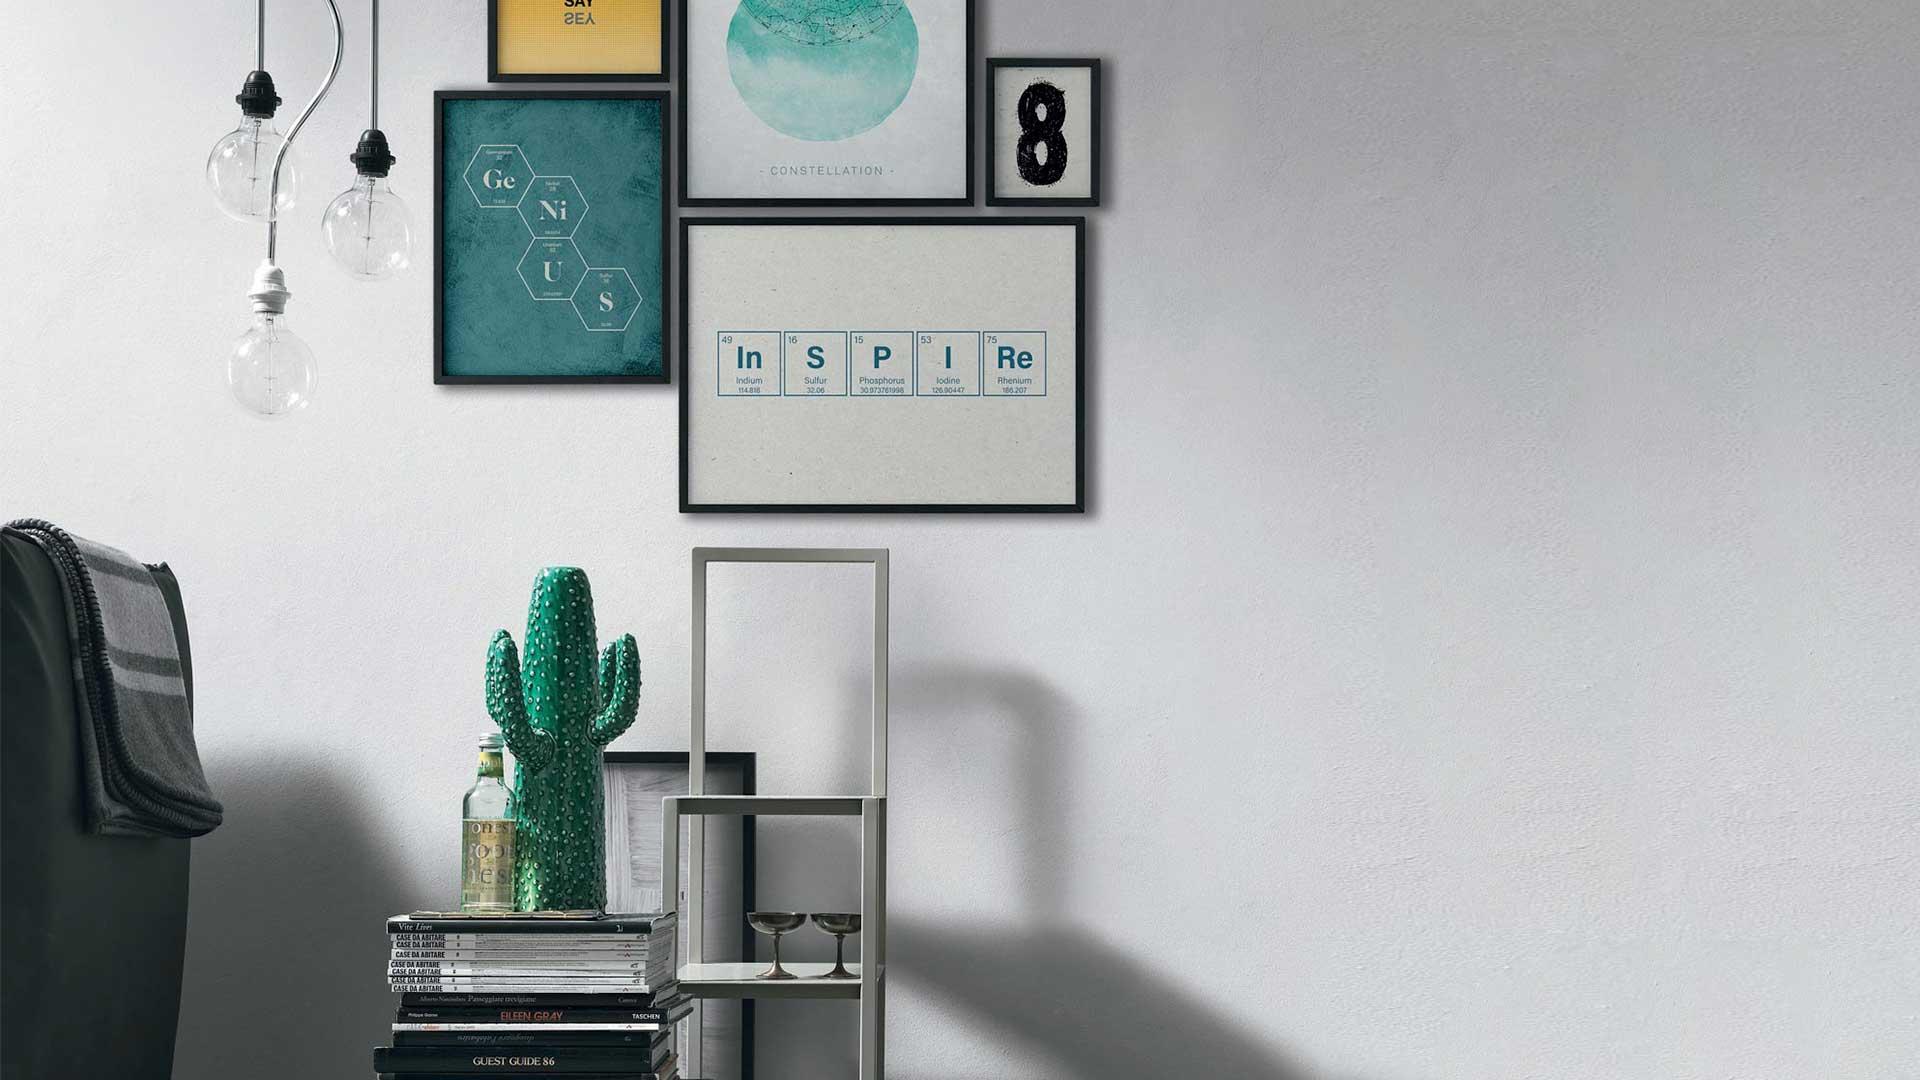 I complementi d'arredo, i soprammobili e gli oggetti che completano e danno personalità alla nostra casa. Complementi D Arredo Casa Oggetti E Accessori Per La Casa